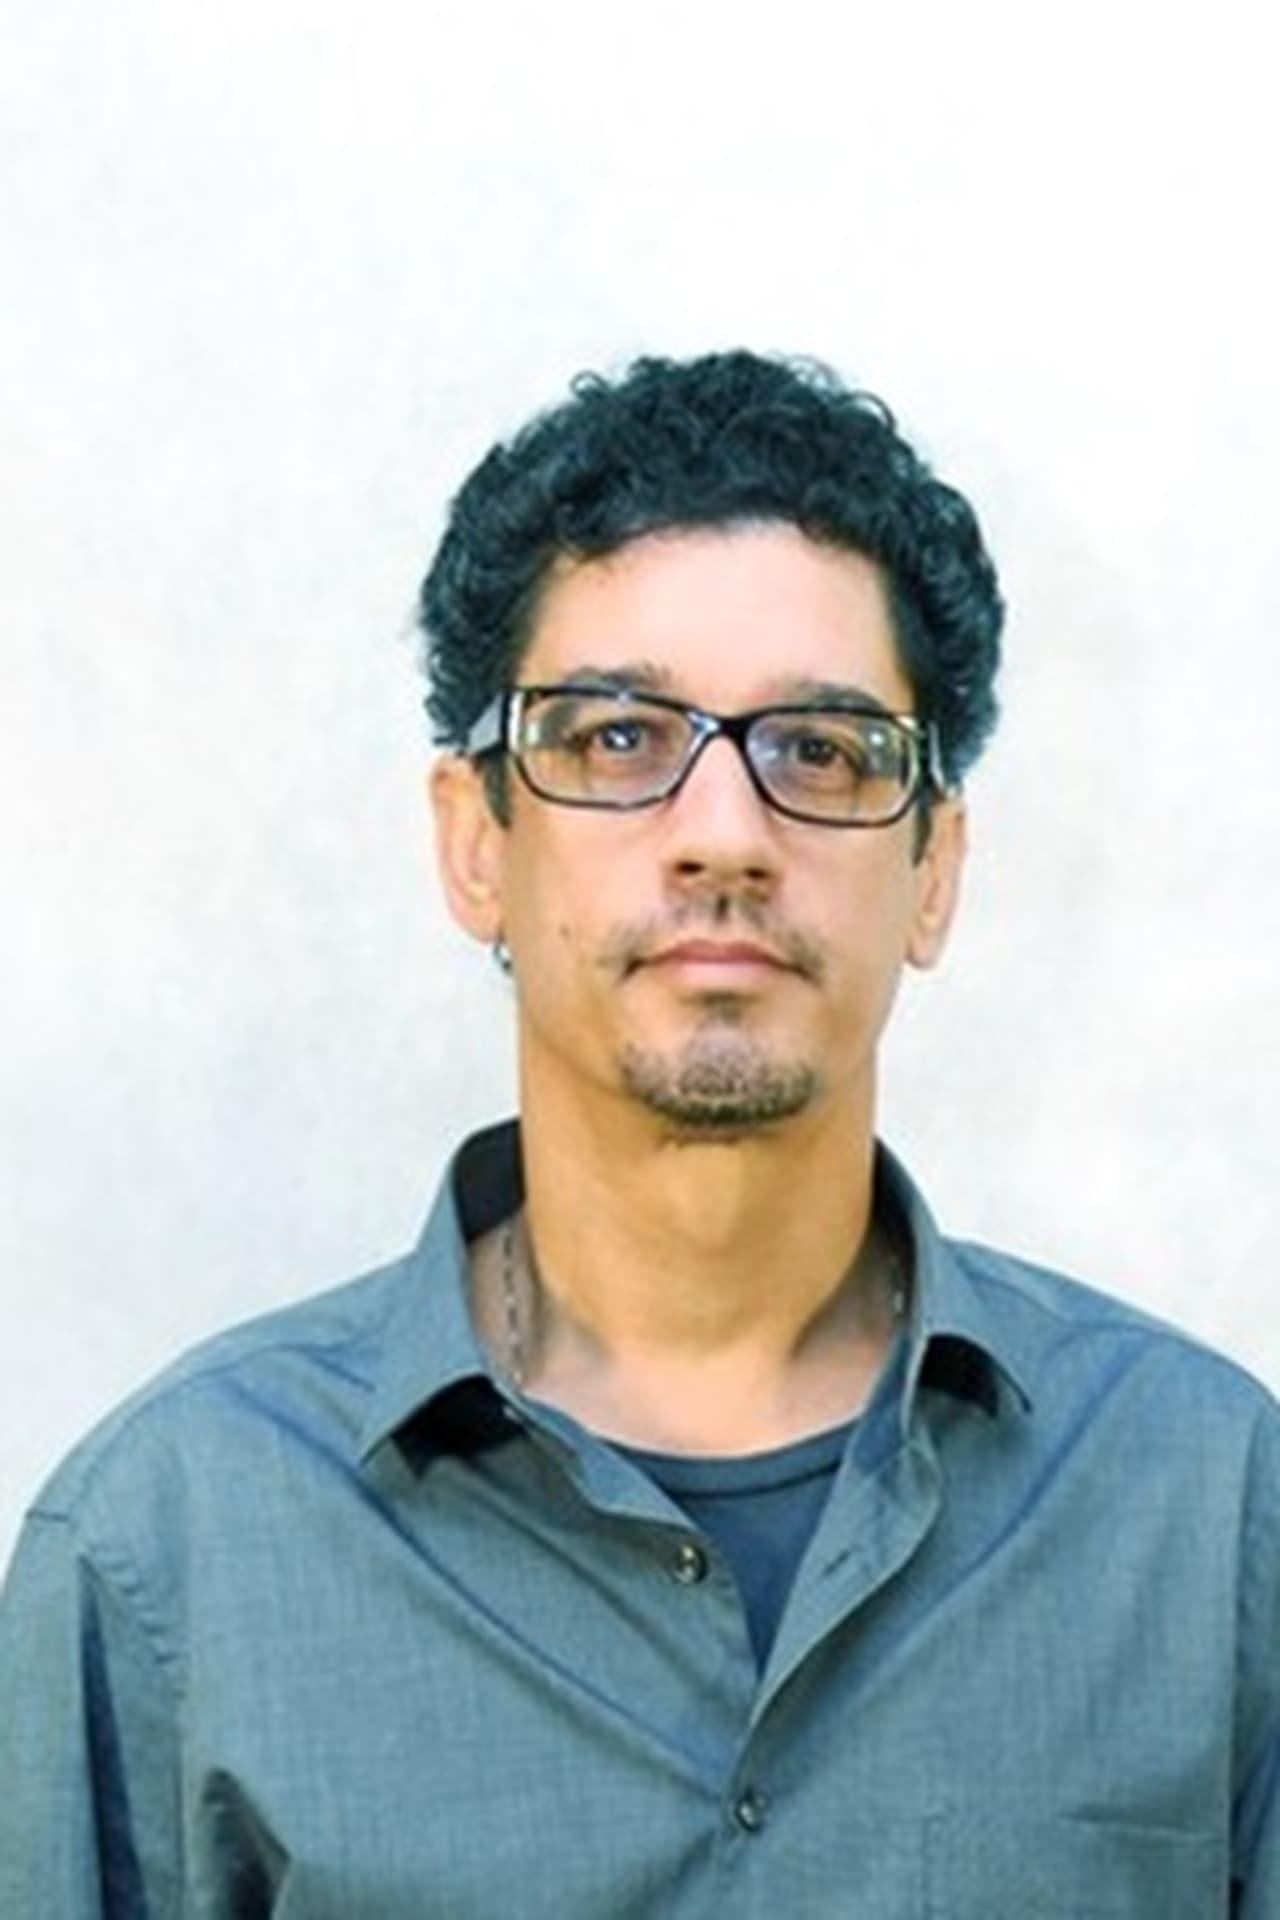 Bernardo Guilherme